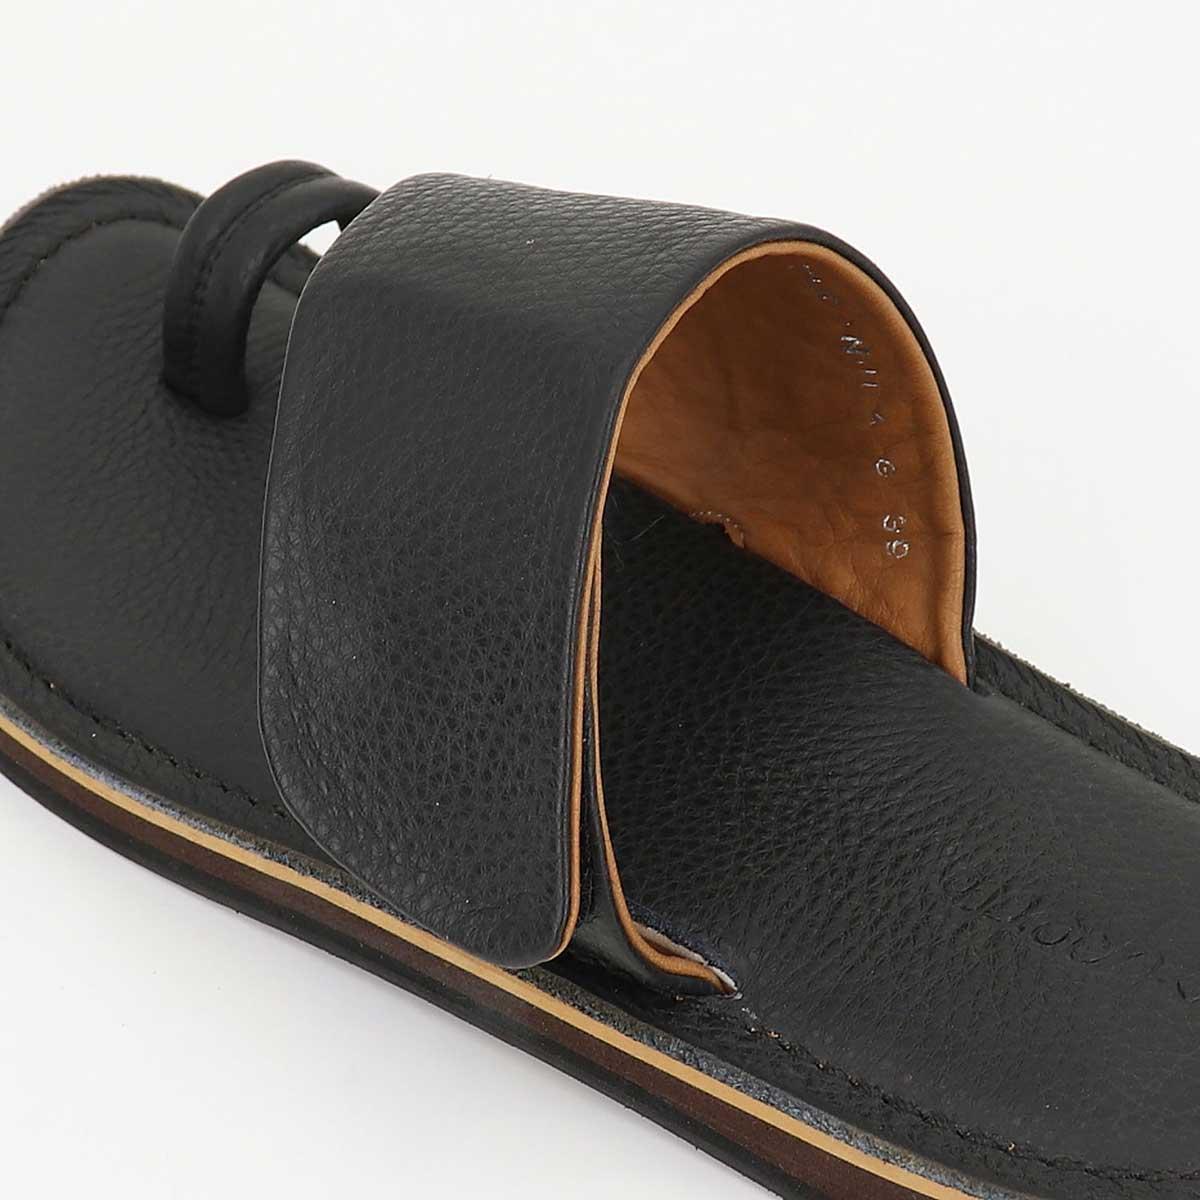 【動画付き】2020年春夏新作 POLPETTA ポルペッタ メンズ グレインレザー サンダル TUBO NUDA-G BLACK (ブラック)